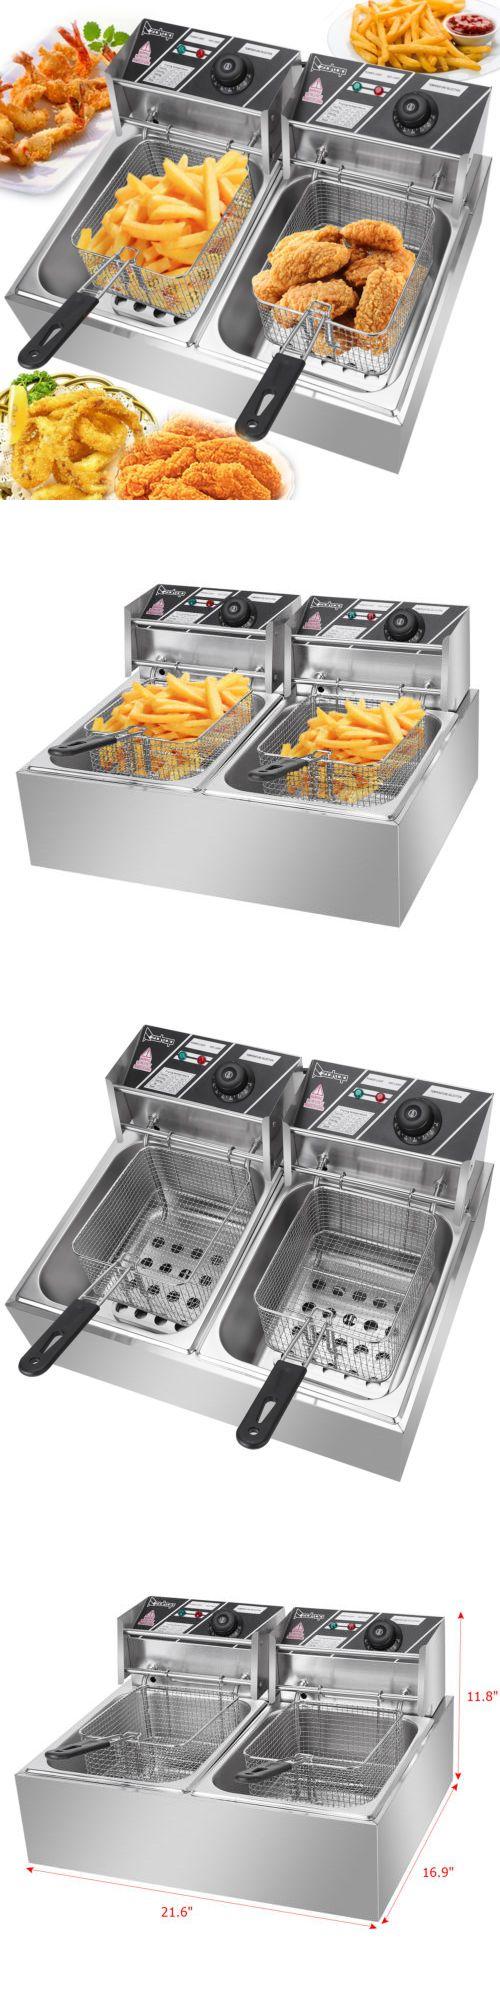 Fryers 185033 5000W 12L Electric Deep Fryer 2 Tank Fry